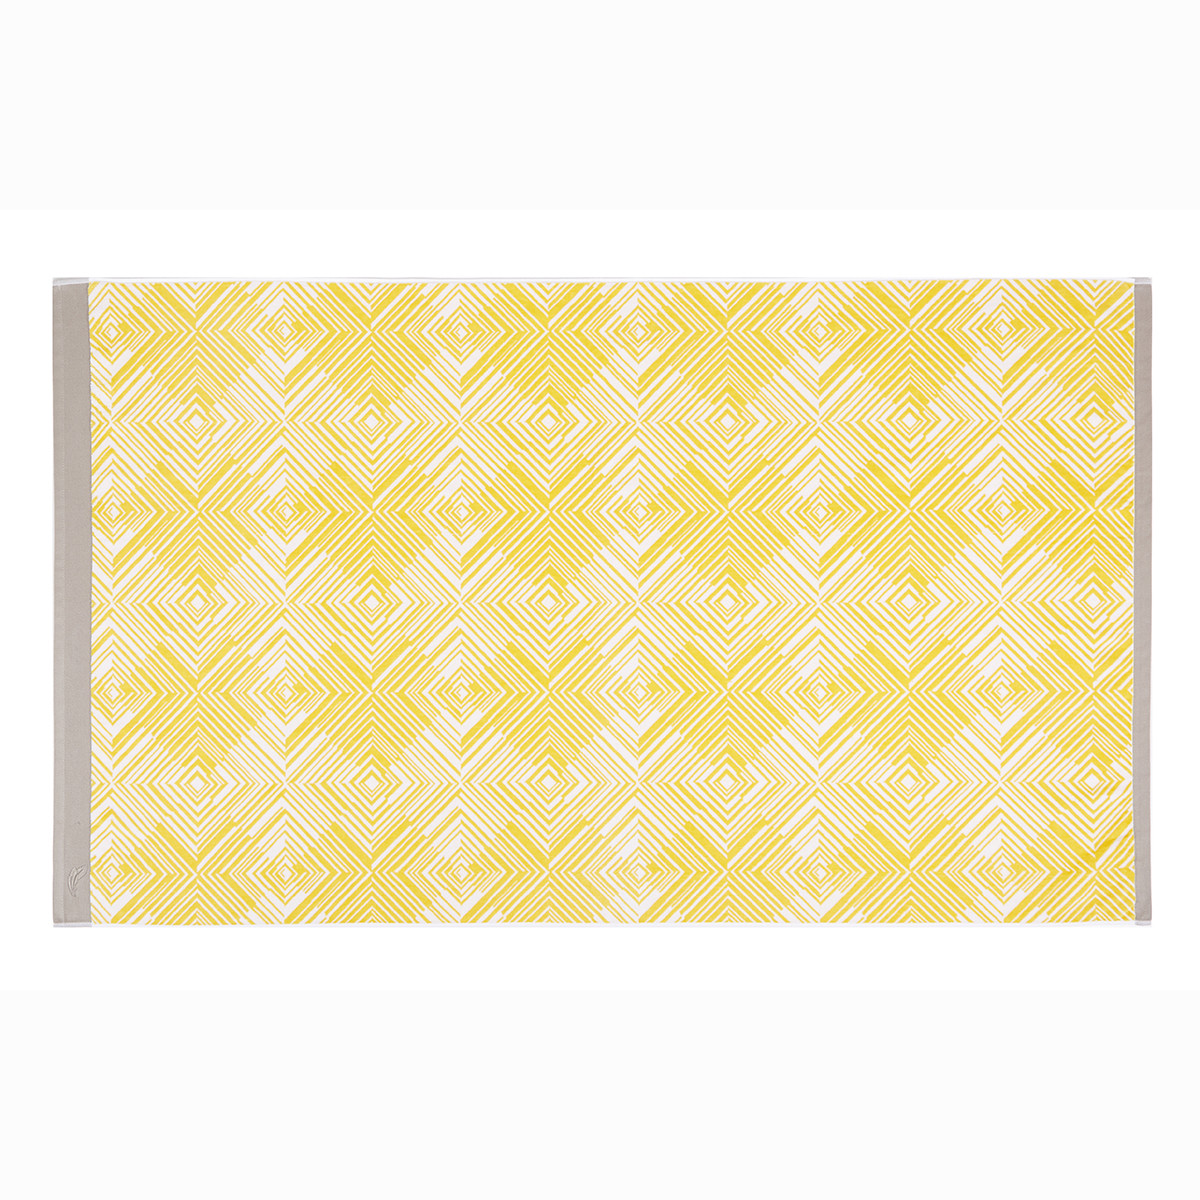 Drap de plage coton 100x180 cm jaune imprimé